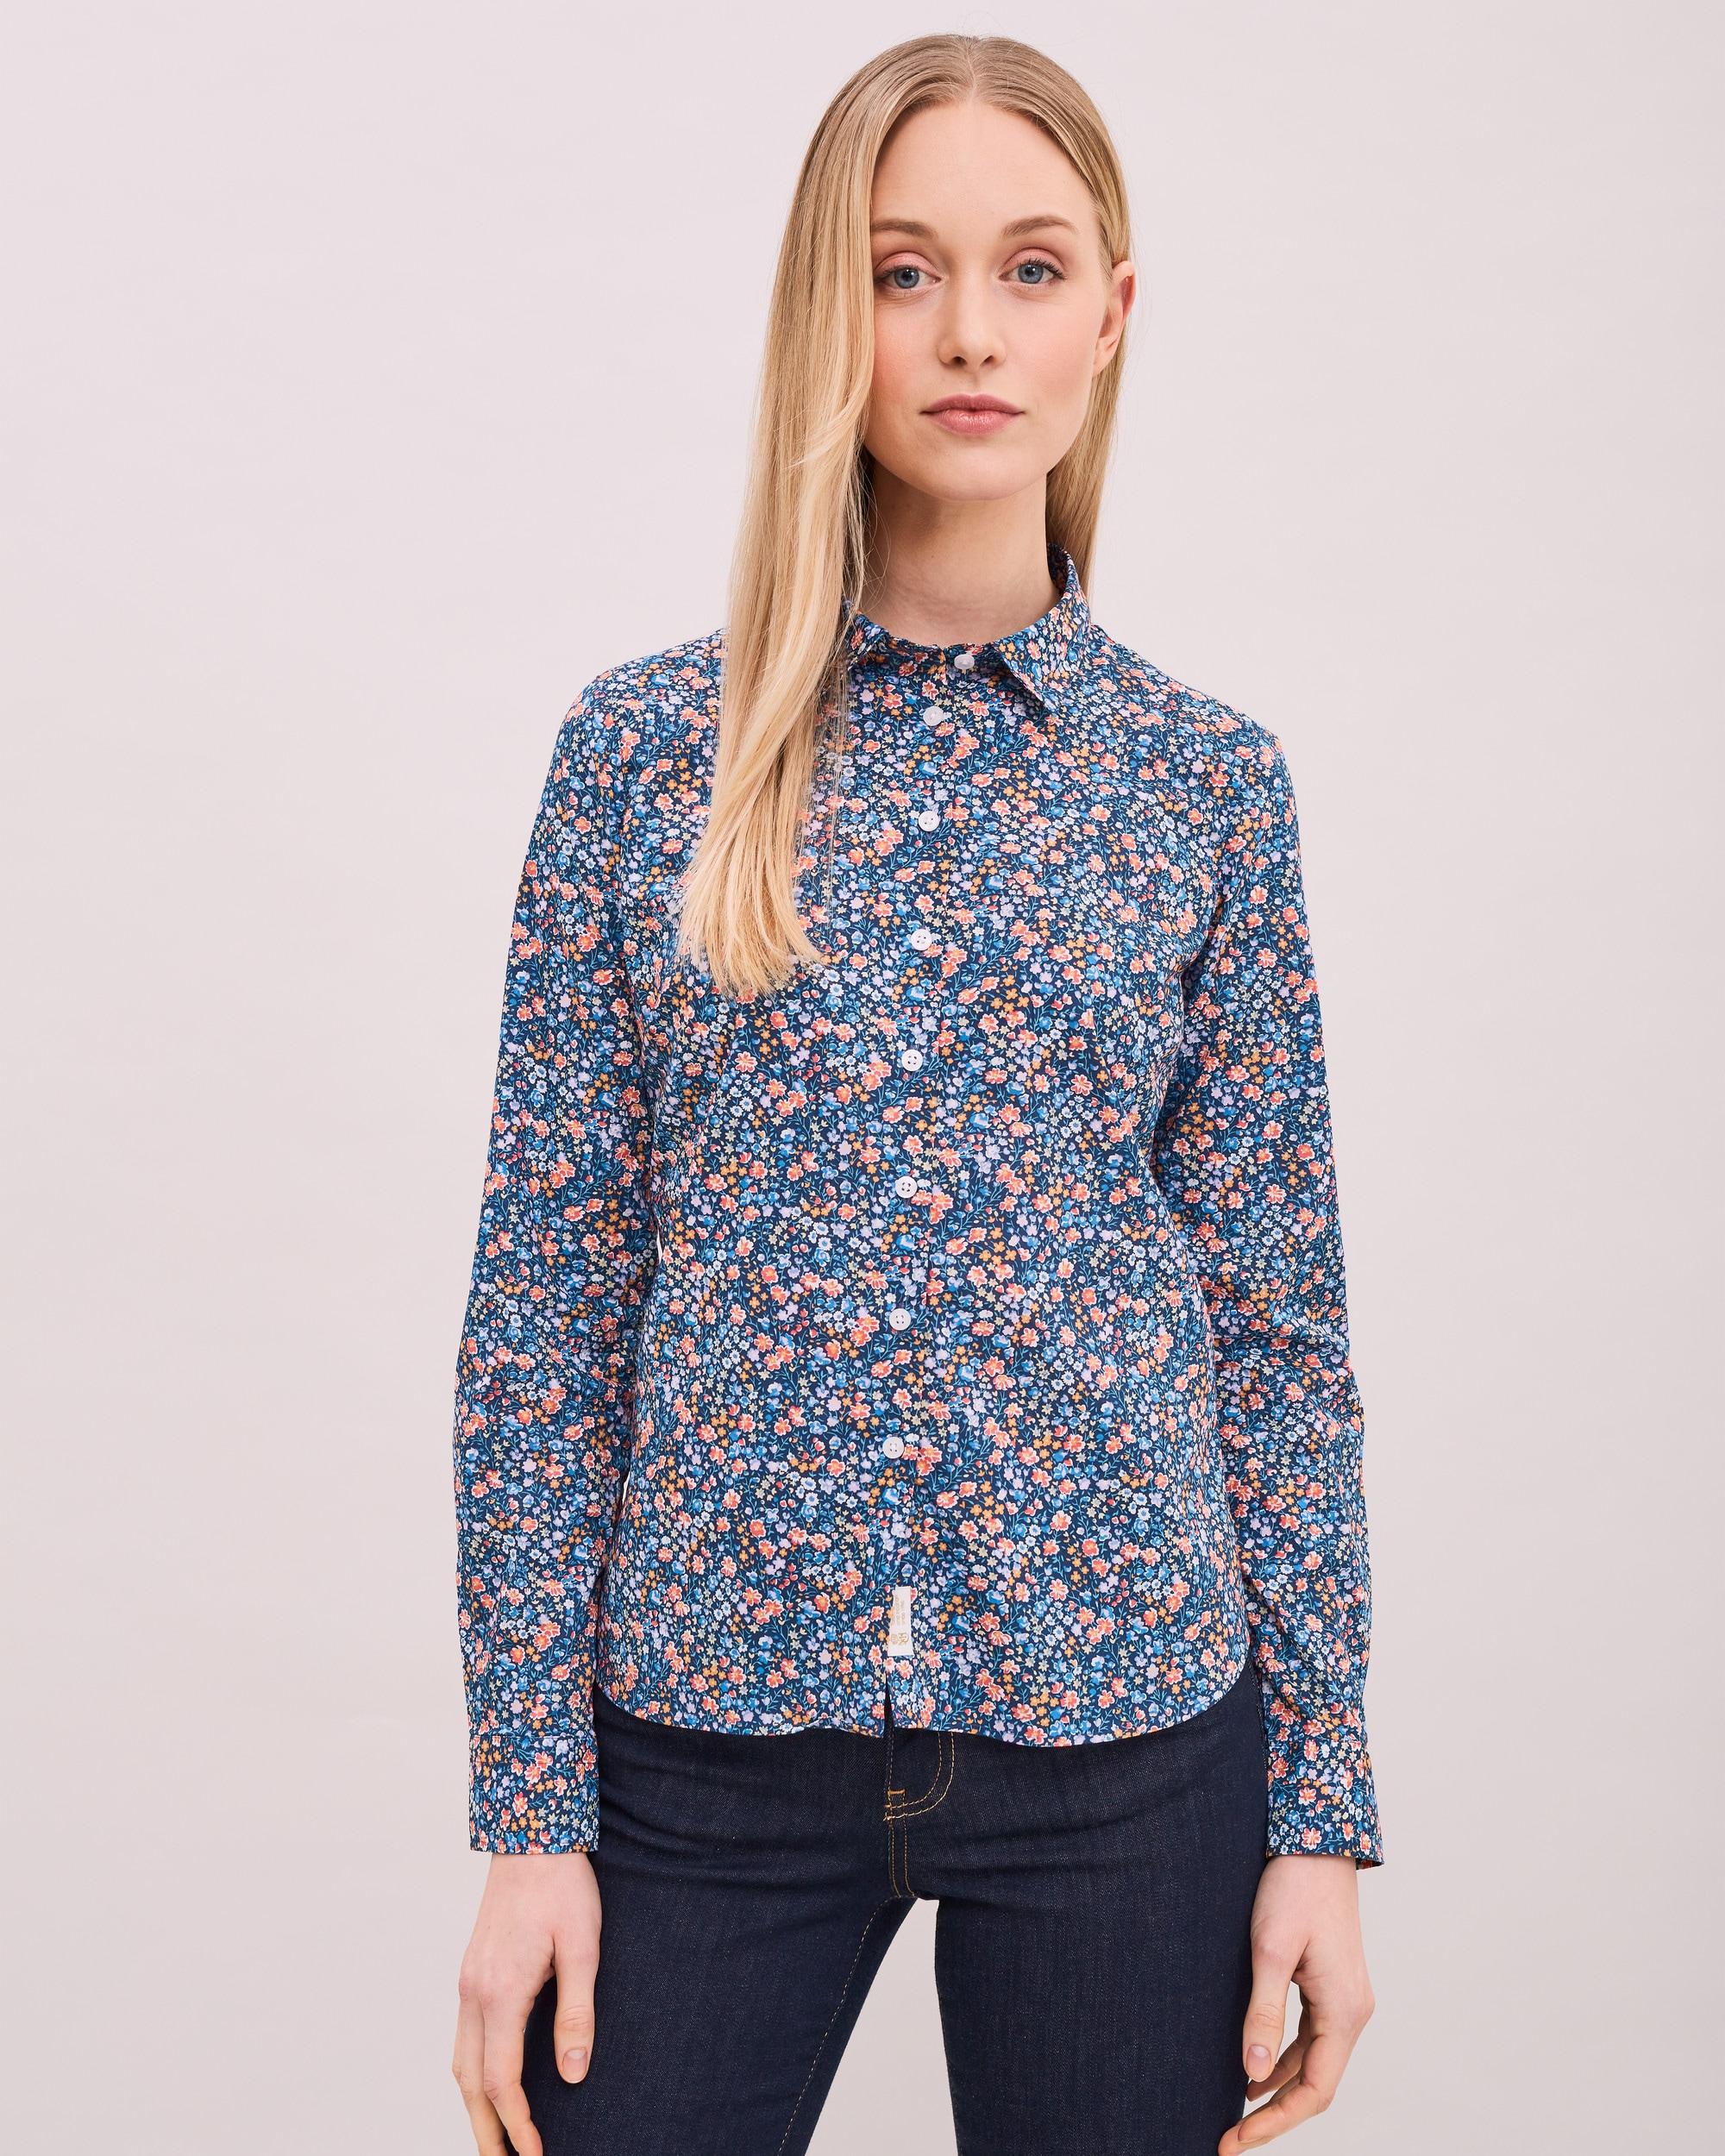 Blommig skjorta Louise - Blå